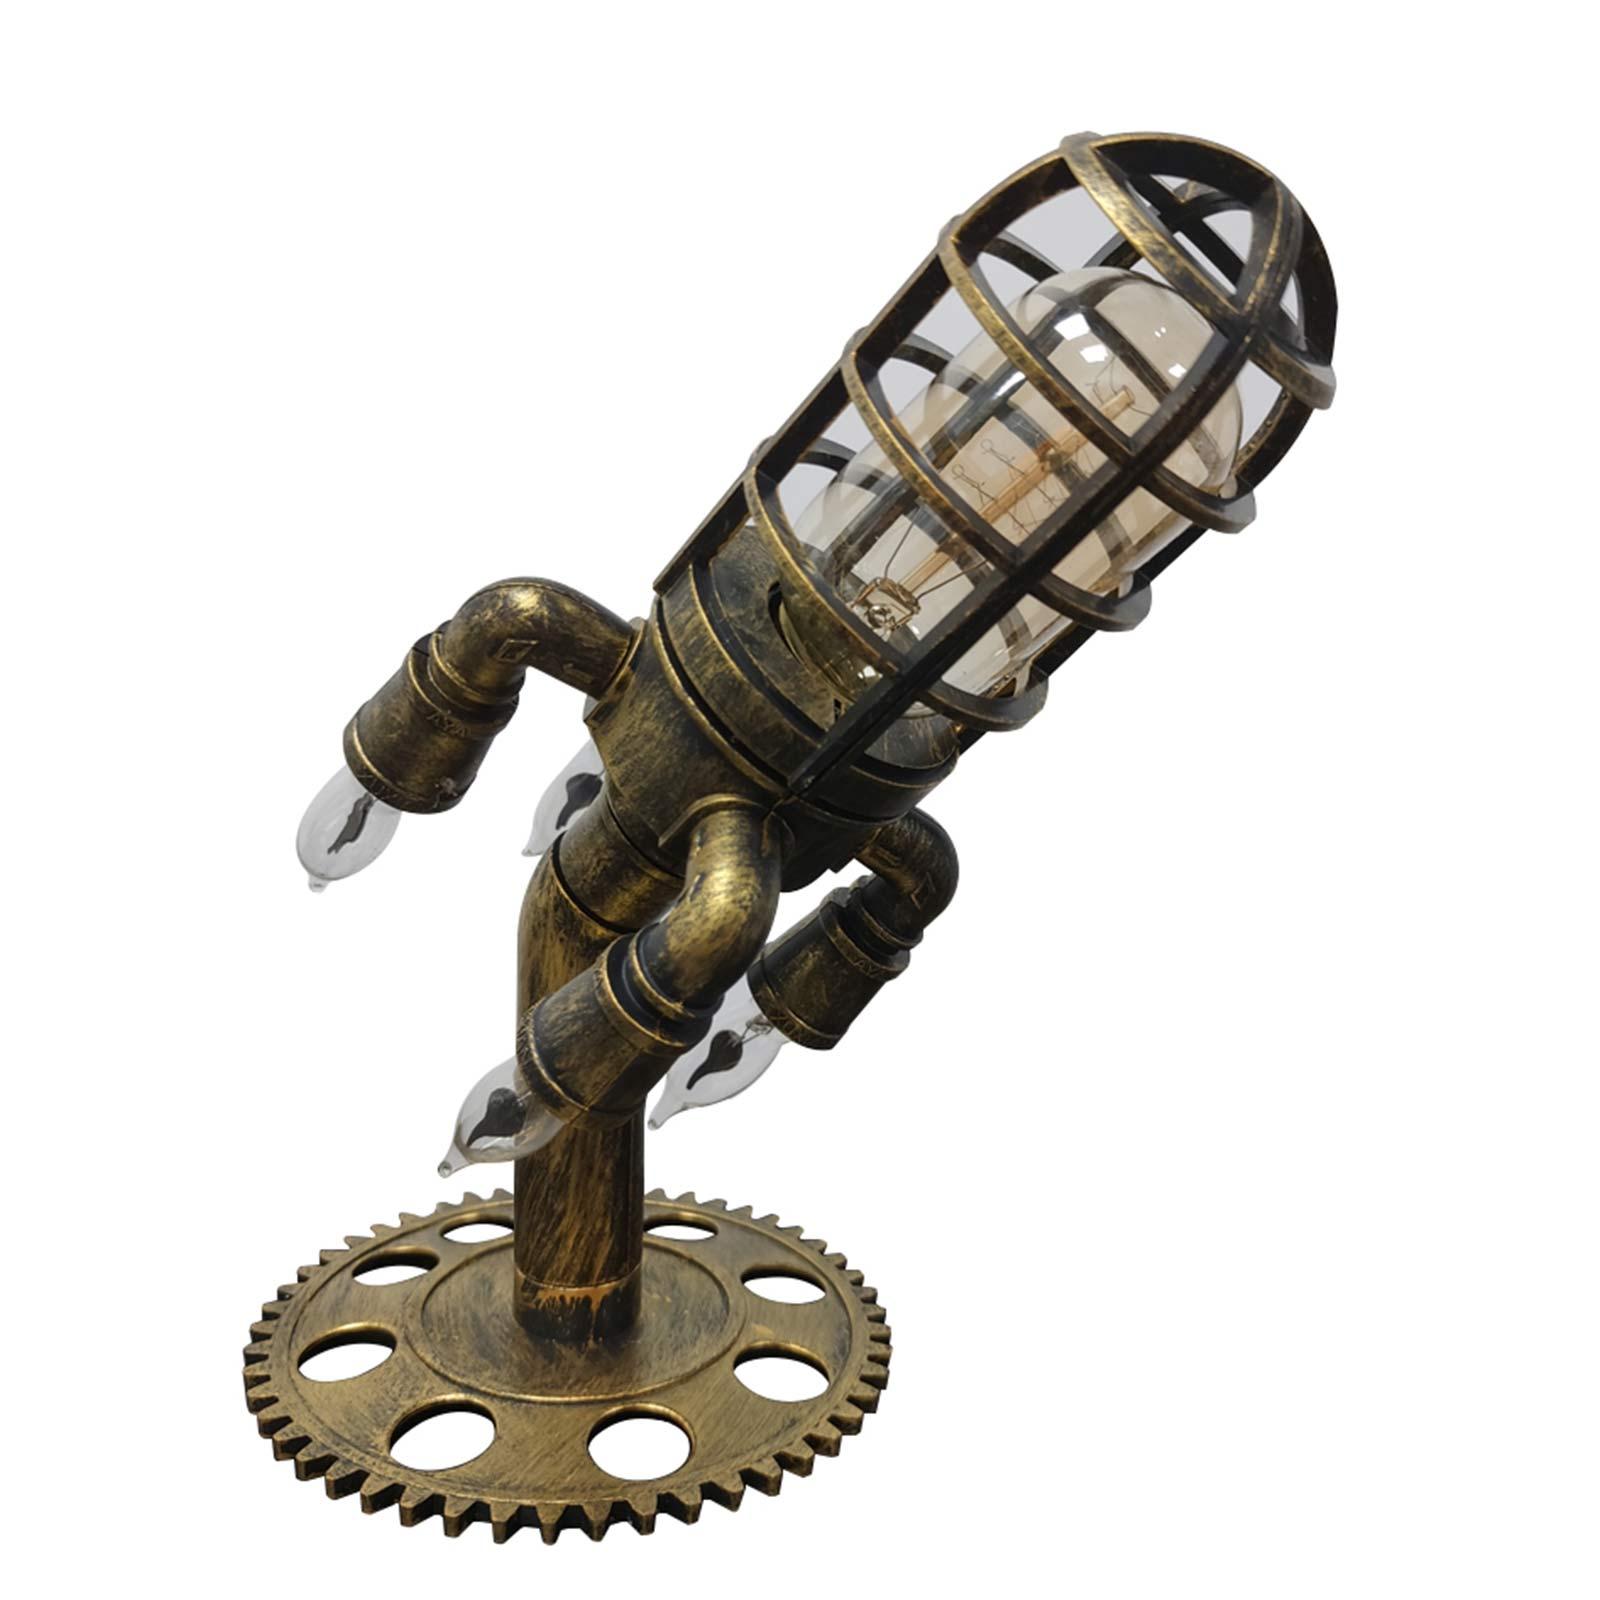 مصباح Steampunk صناعي عتيق معدني صاروخ مكتب ديكور ريترو لغرفة النوم غرفة المعيشة مكتب السرير الجدول منضدة